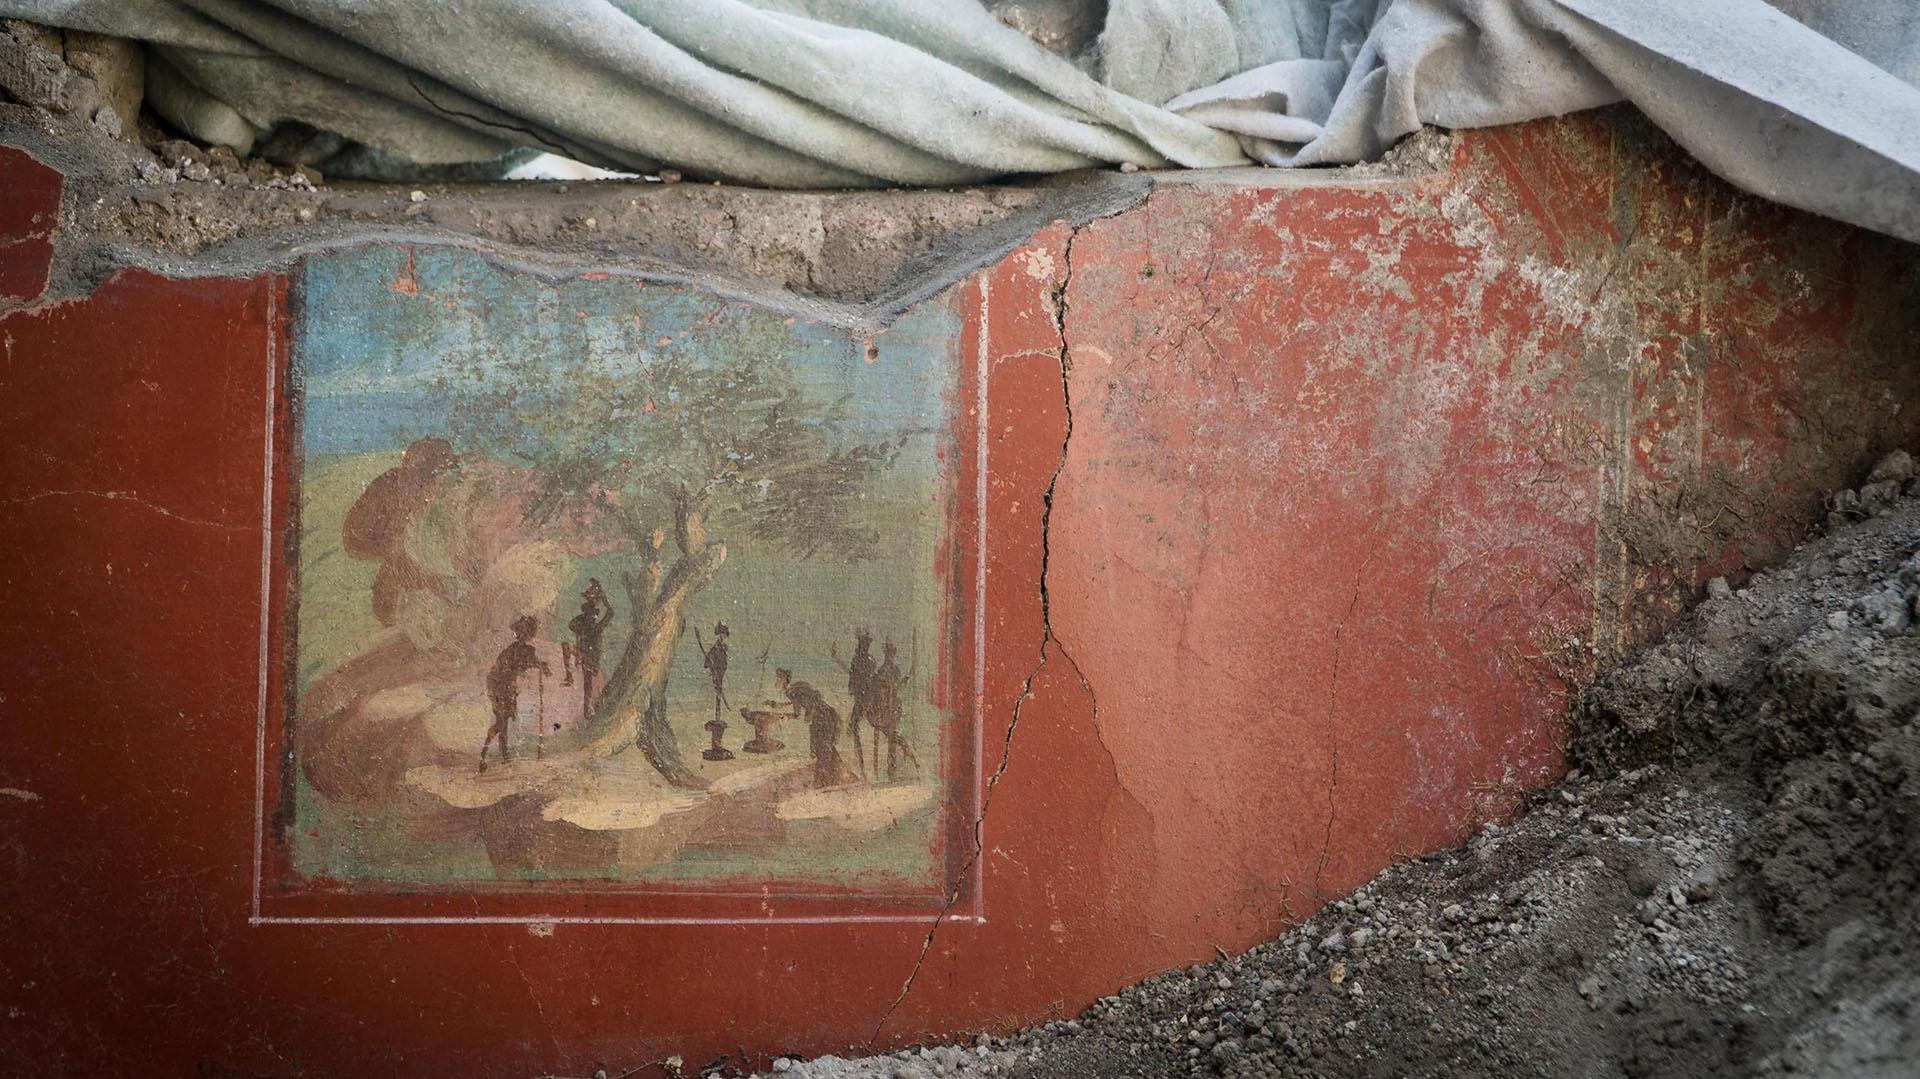 Un muro con frescos en la Casa de Júpiter (Casa di Giove), de la que también se recuperaron objetos y utensilios propios de la vida diaria(EFE/ Cesare Abbate)